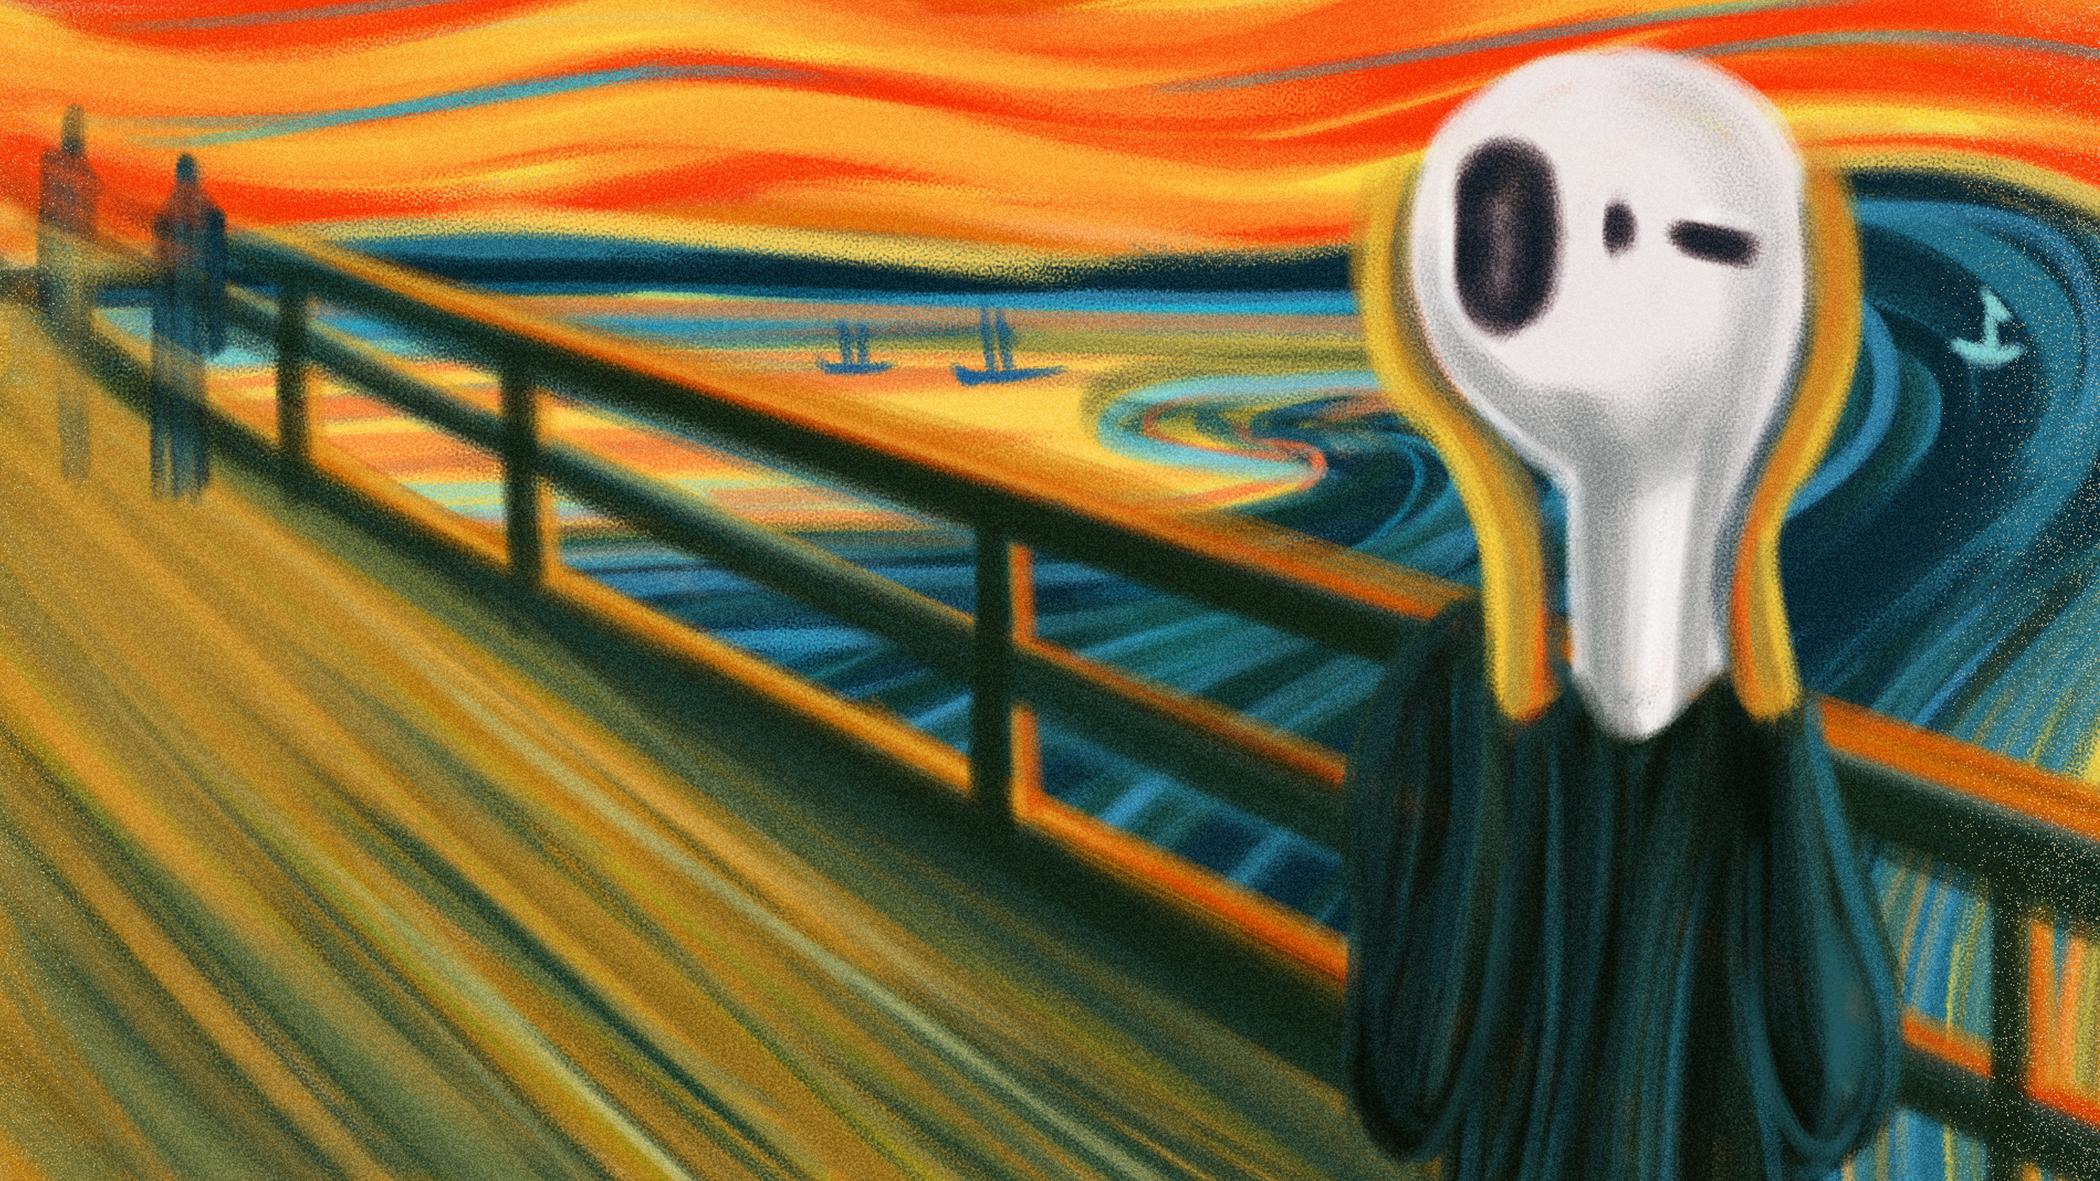 Airpods-Scream-Thumb-BAG.png